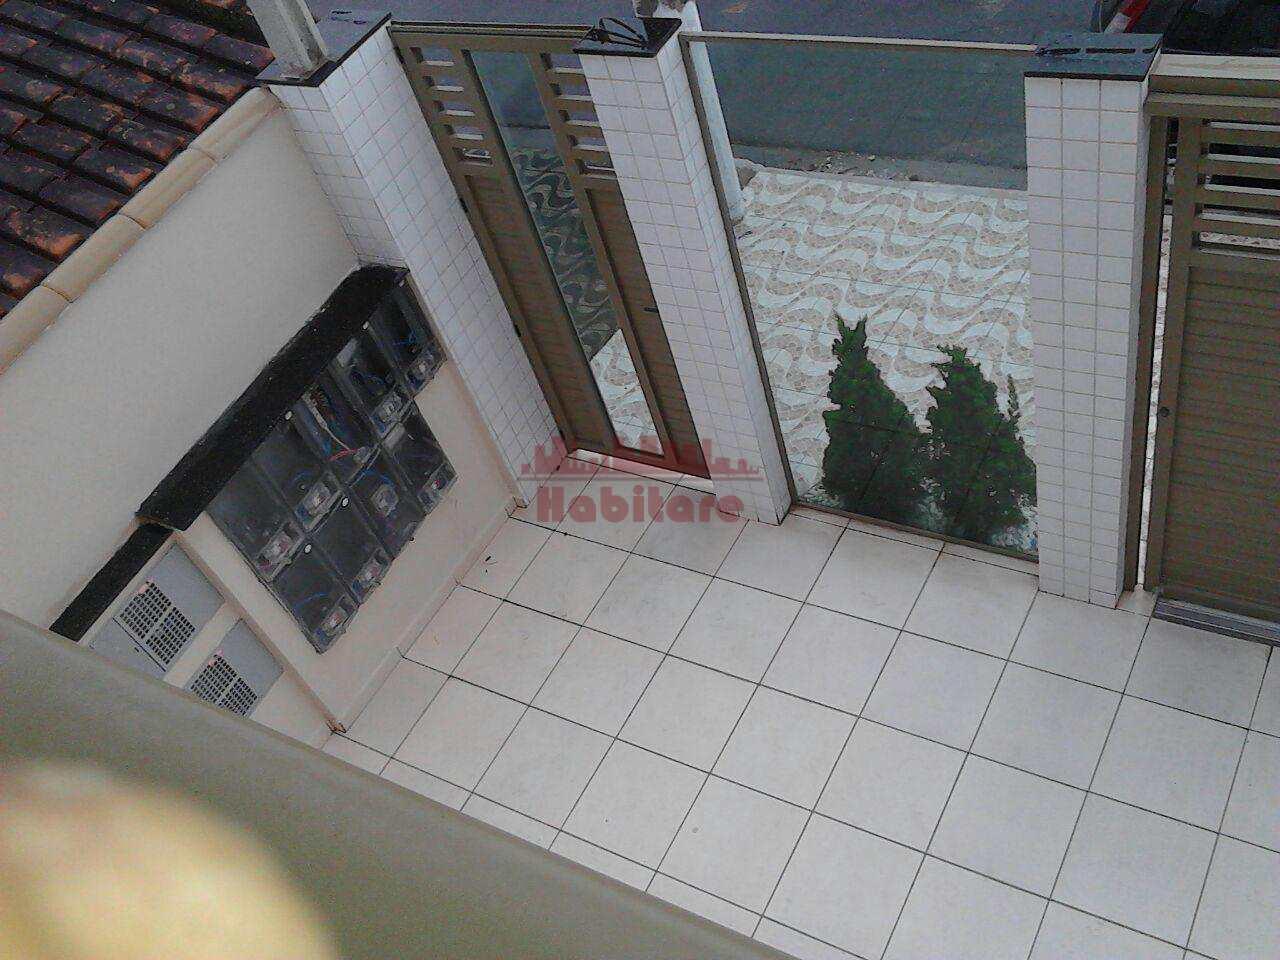 Casa de Condomínio com 2 dorms, Caiçara, Praia Grande - R$ 210.000,00, 67m² - Codigo: 662452